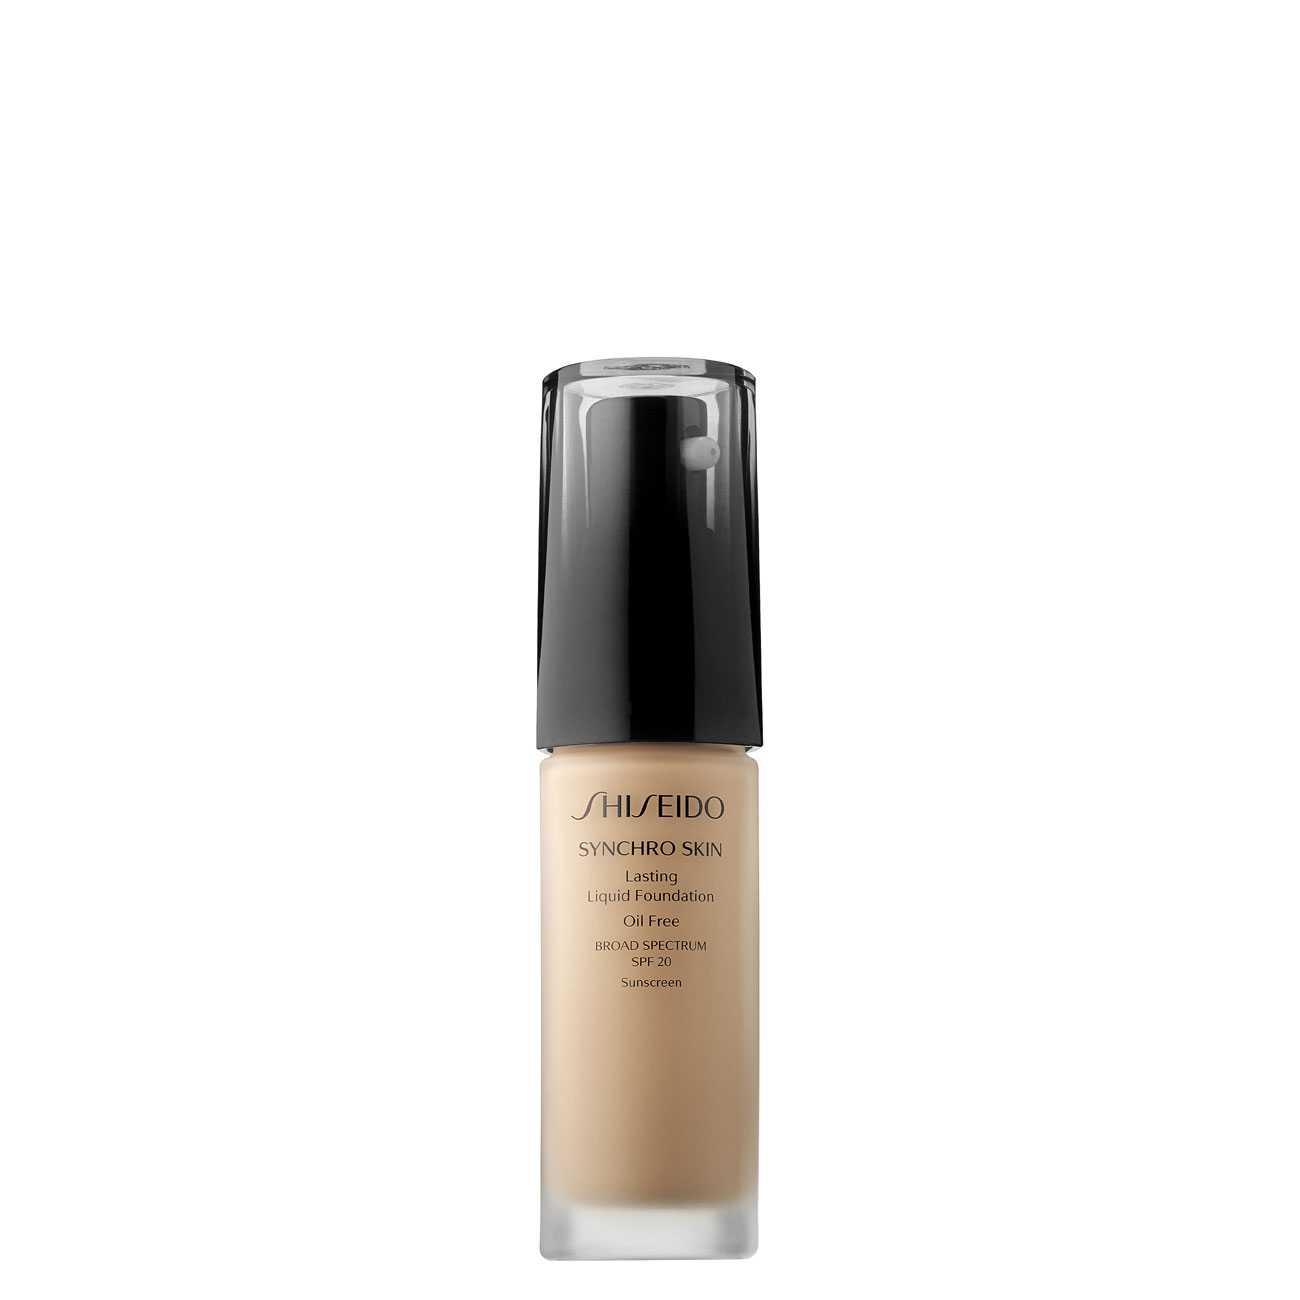 Synchro Skin Lasting 30 Ml Rose 3 40 Shiseido imagine 2021 bestvalue.eu